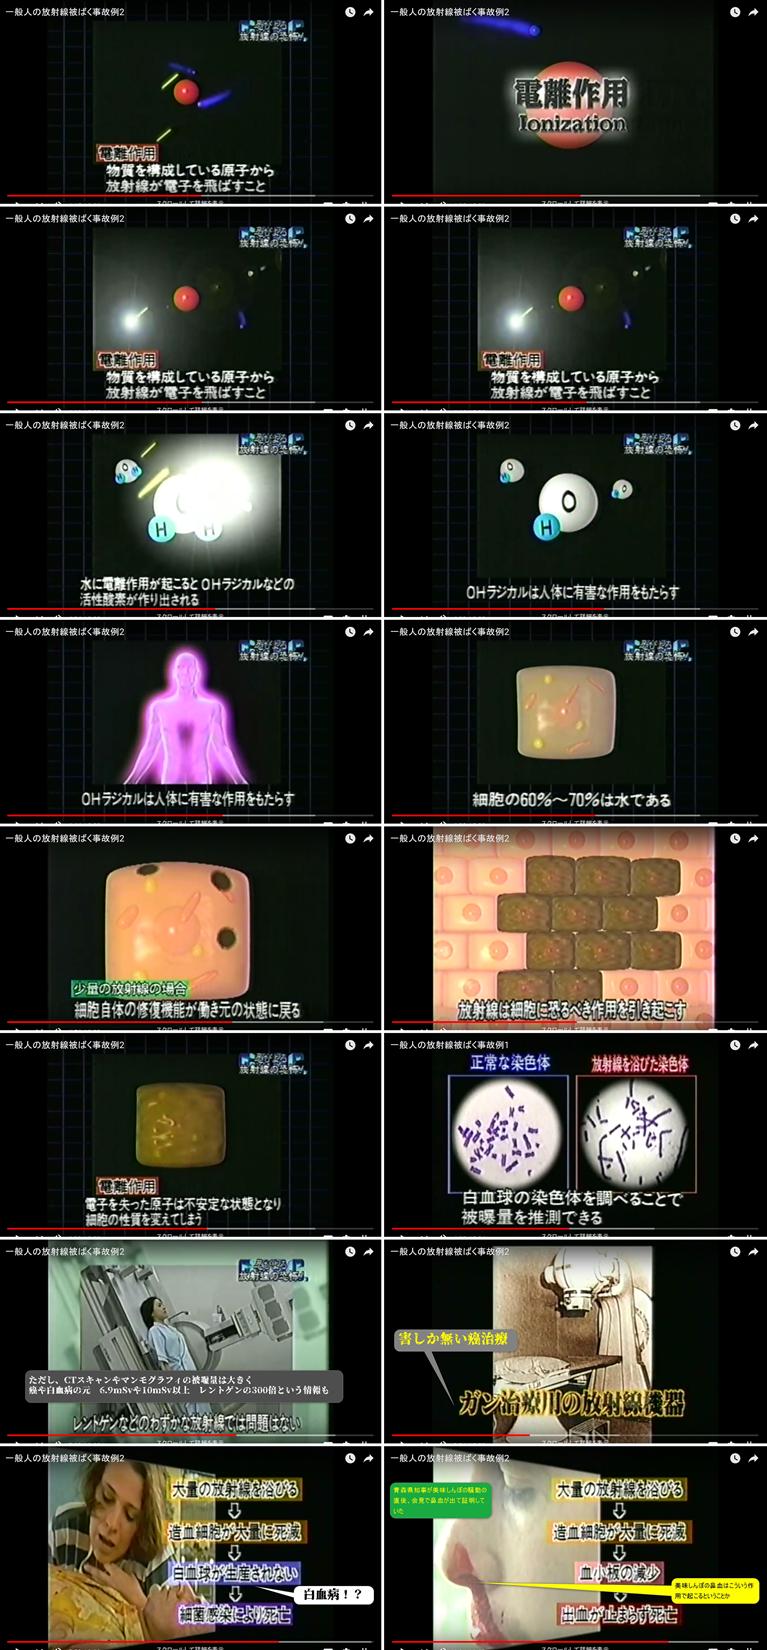 原発やCTスキャンから電離作用からの癌や白血病の起こる仕組み